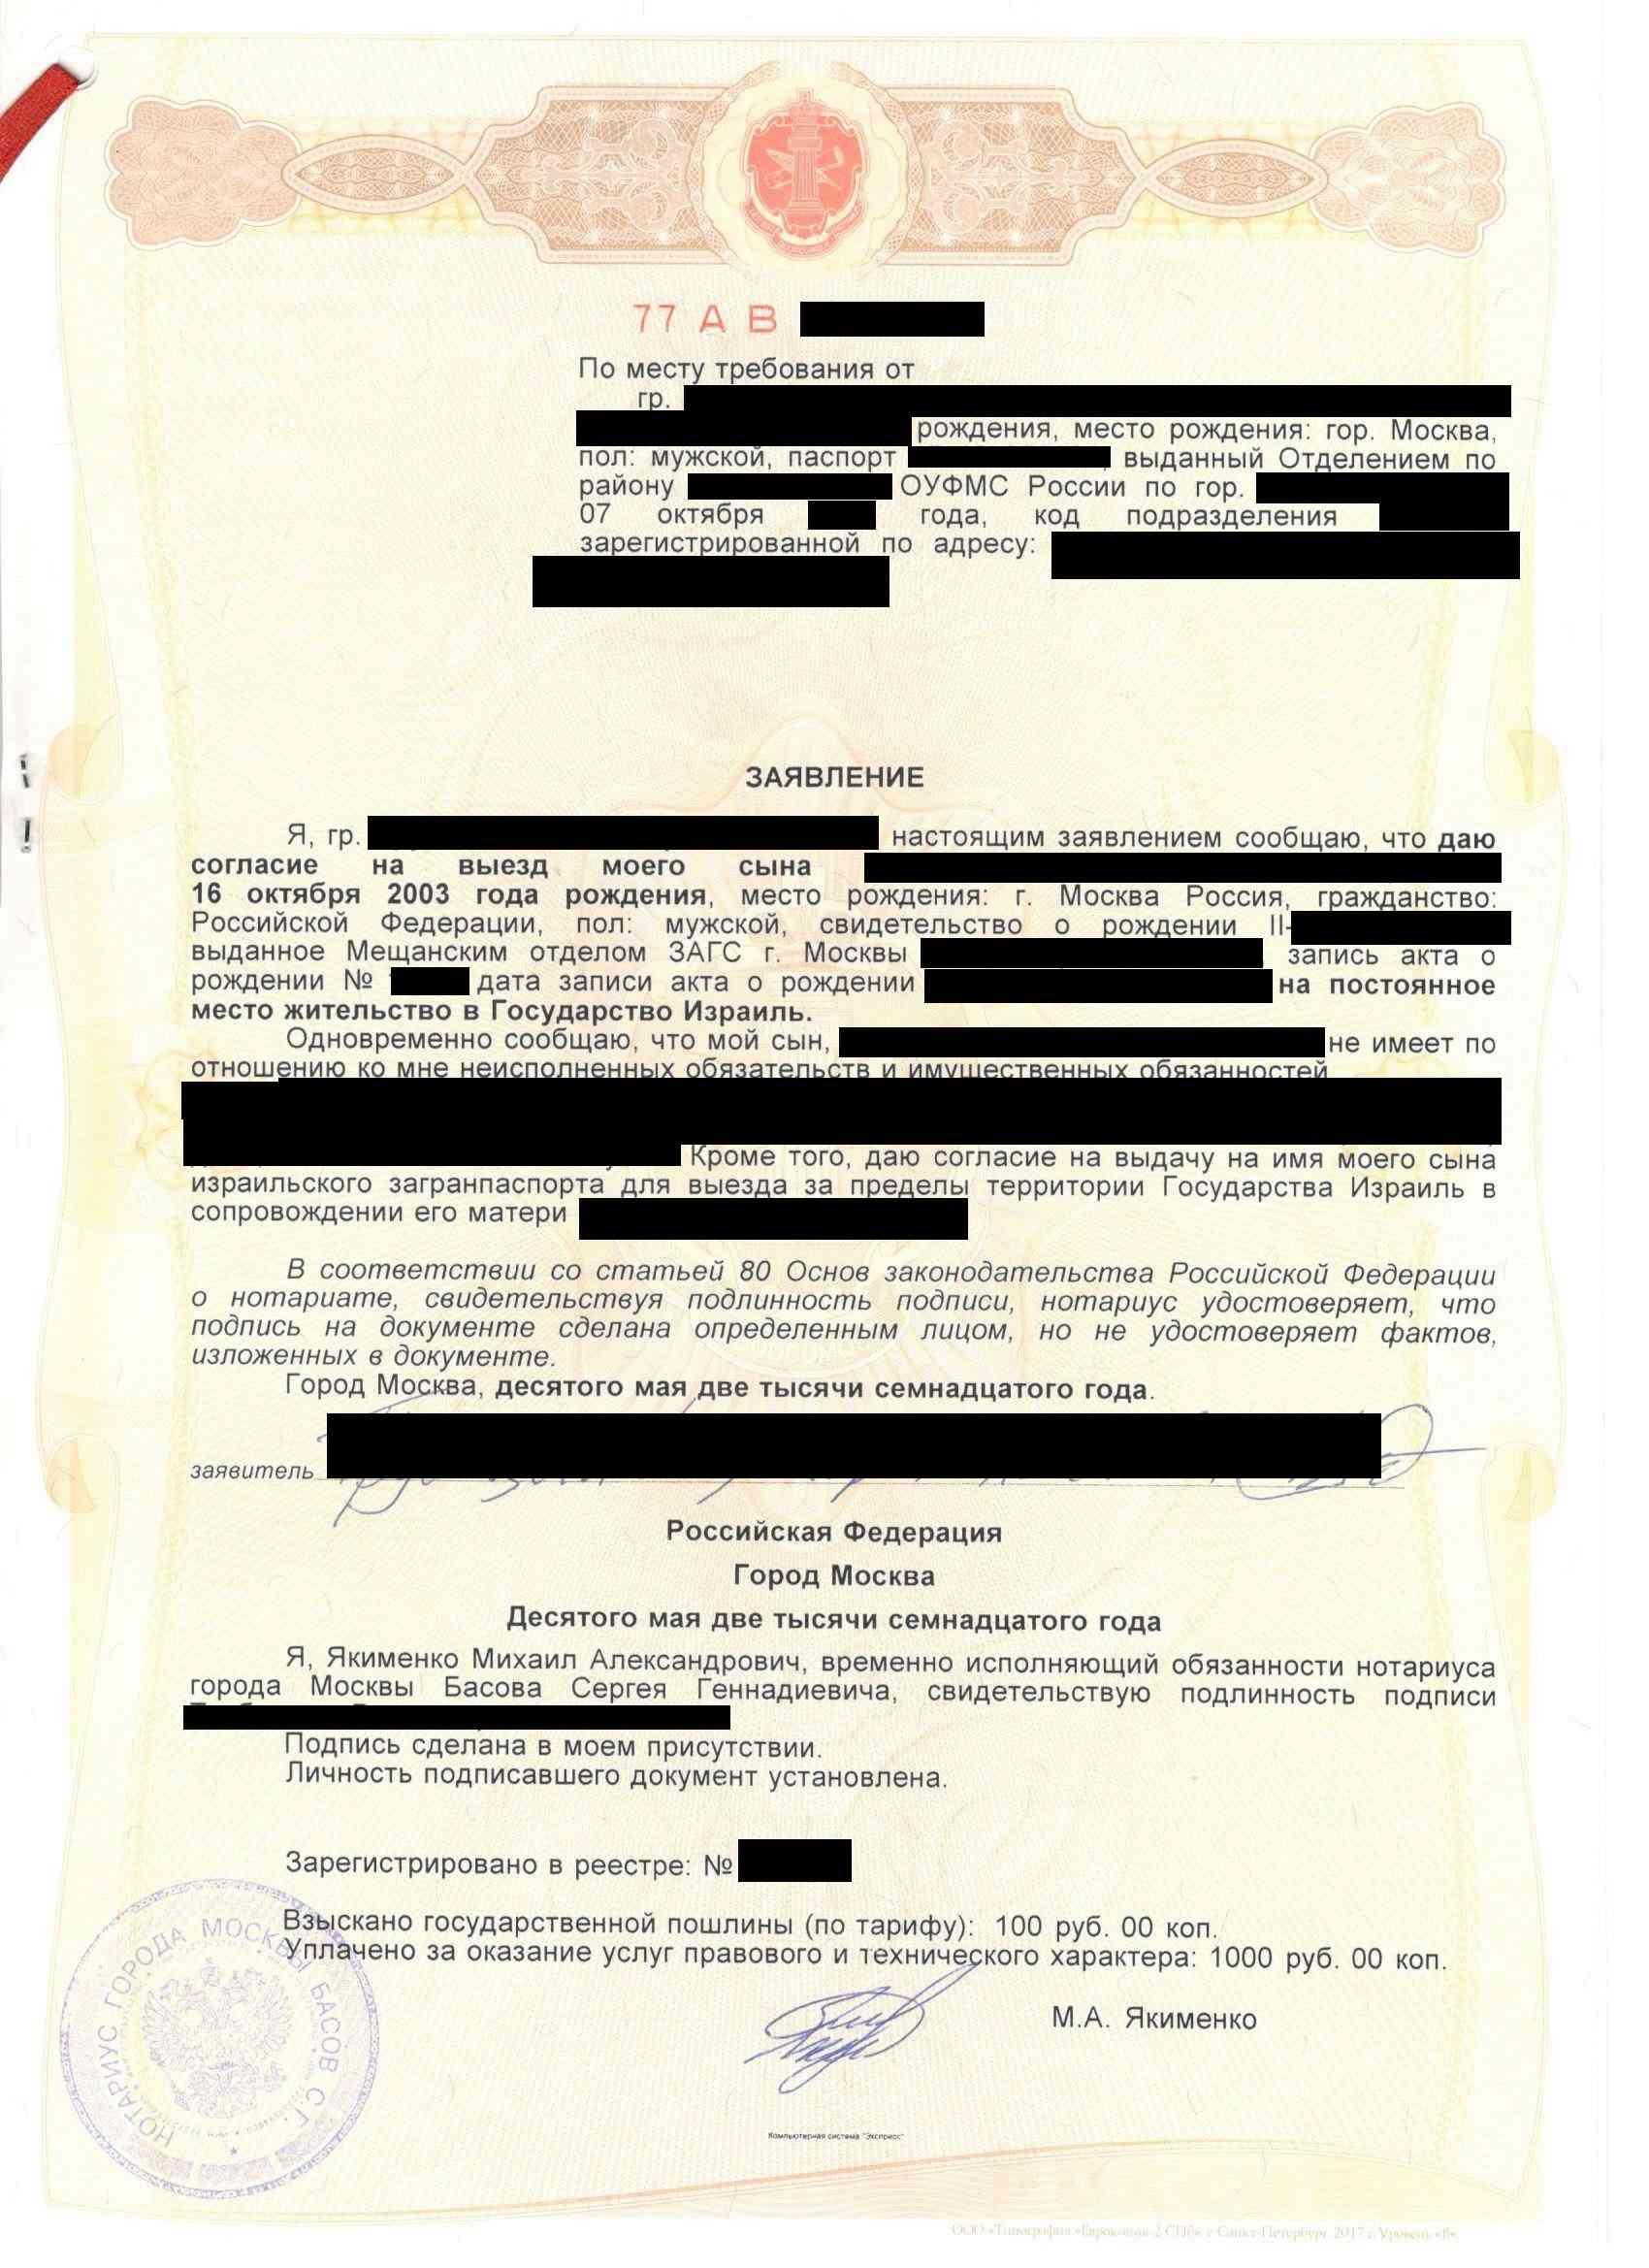 Документы выданные в РФ Edaoaz13